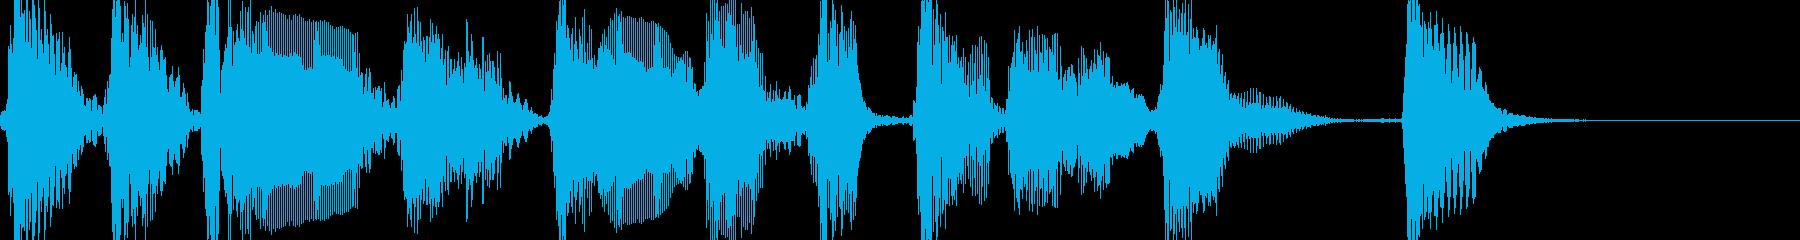 アコギと声 怪しげなメロディー ジングルの再生済みの波形